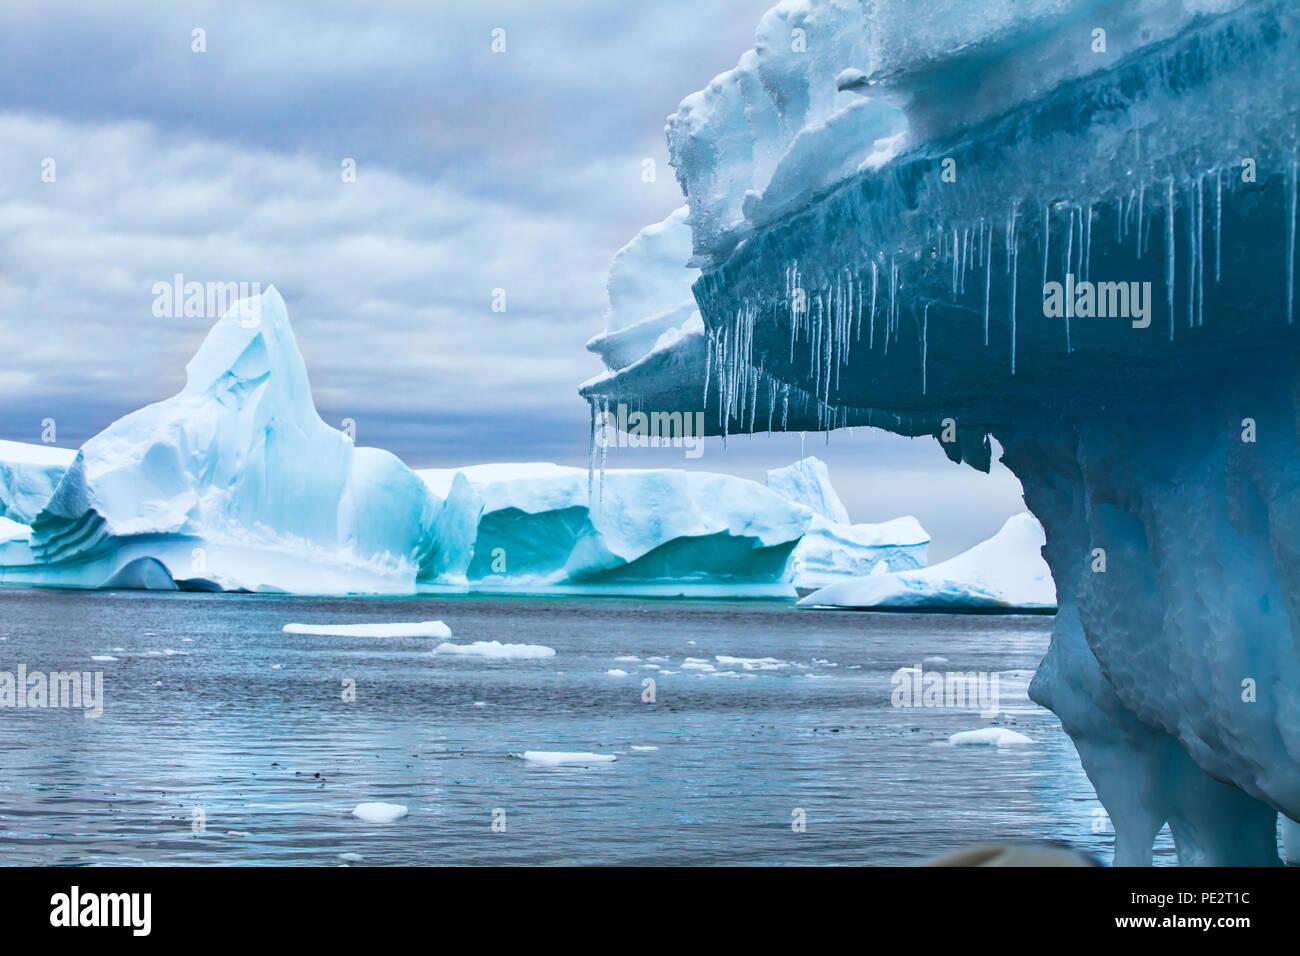 Il riscaldamento globale e i cambiamenti climatici concetto, iceberg la fusione in Antartide Immagini Stock